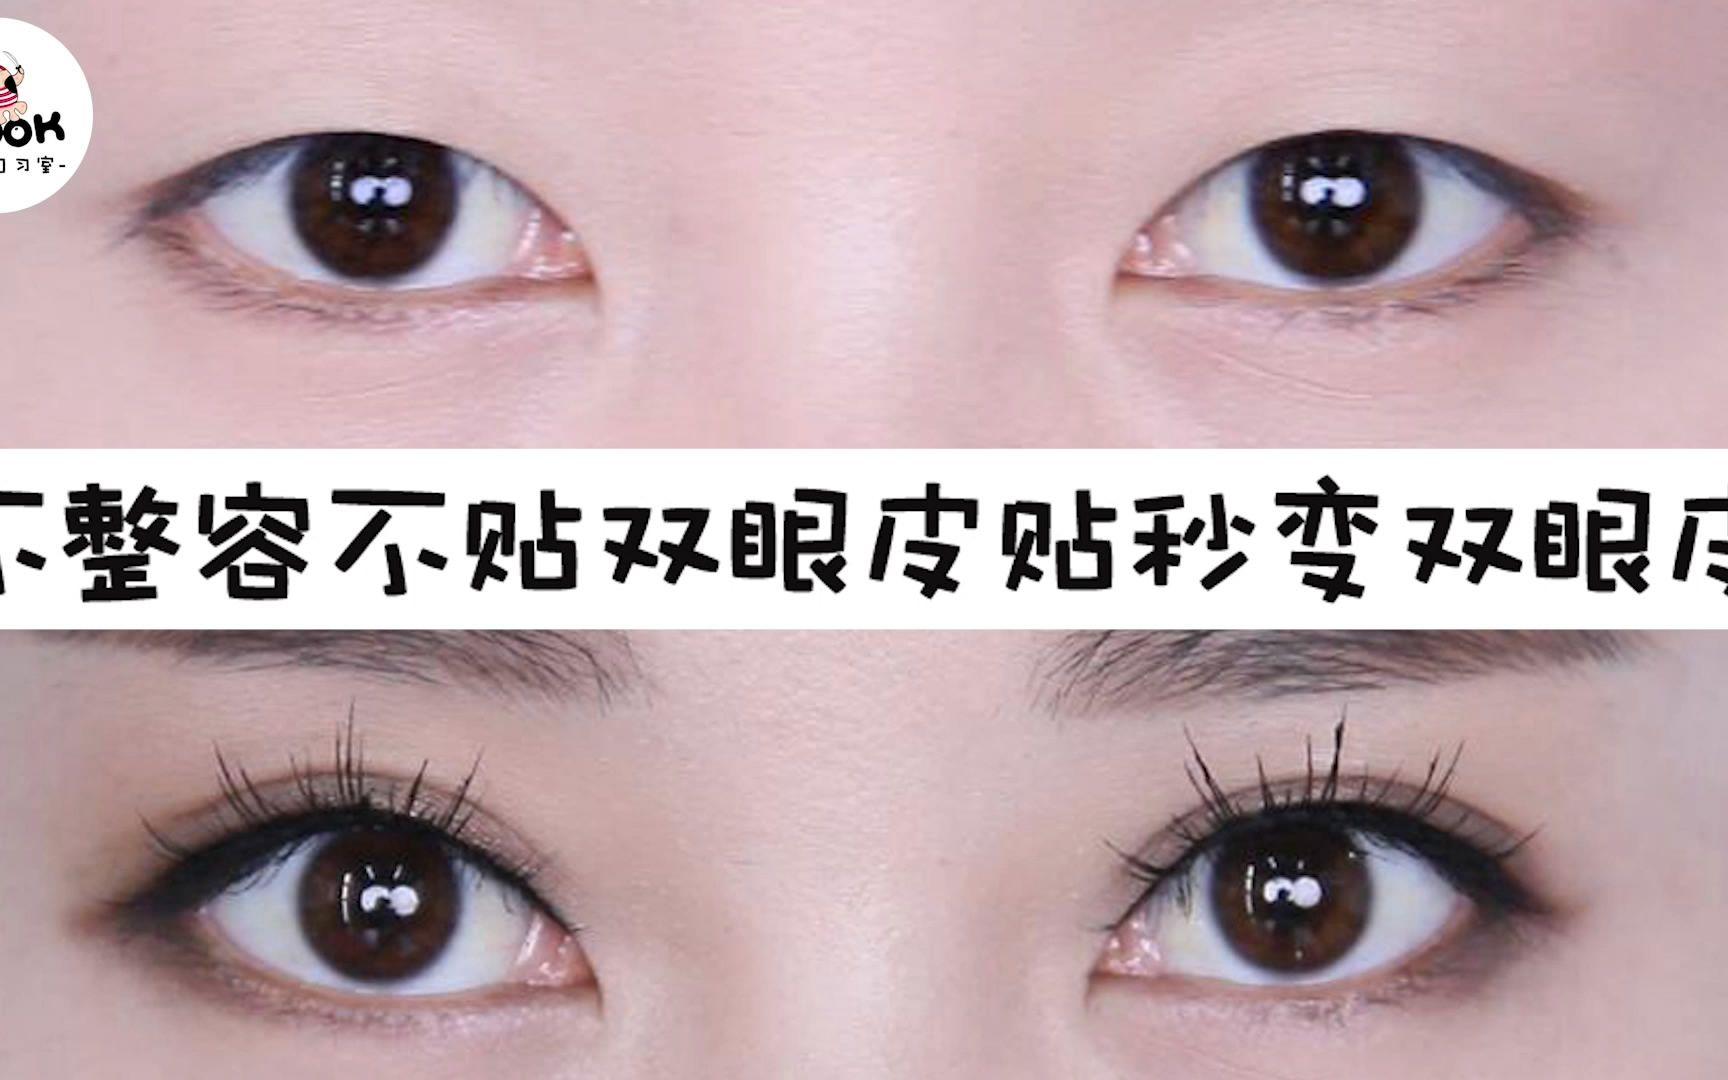 内双肿眼皮眼妆_双眼皮贴教程的全部相关视频_bilibili_哔哩哔哩弹幕视频网